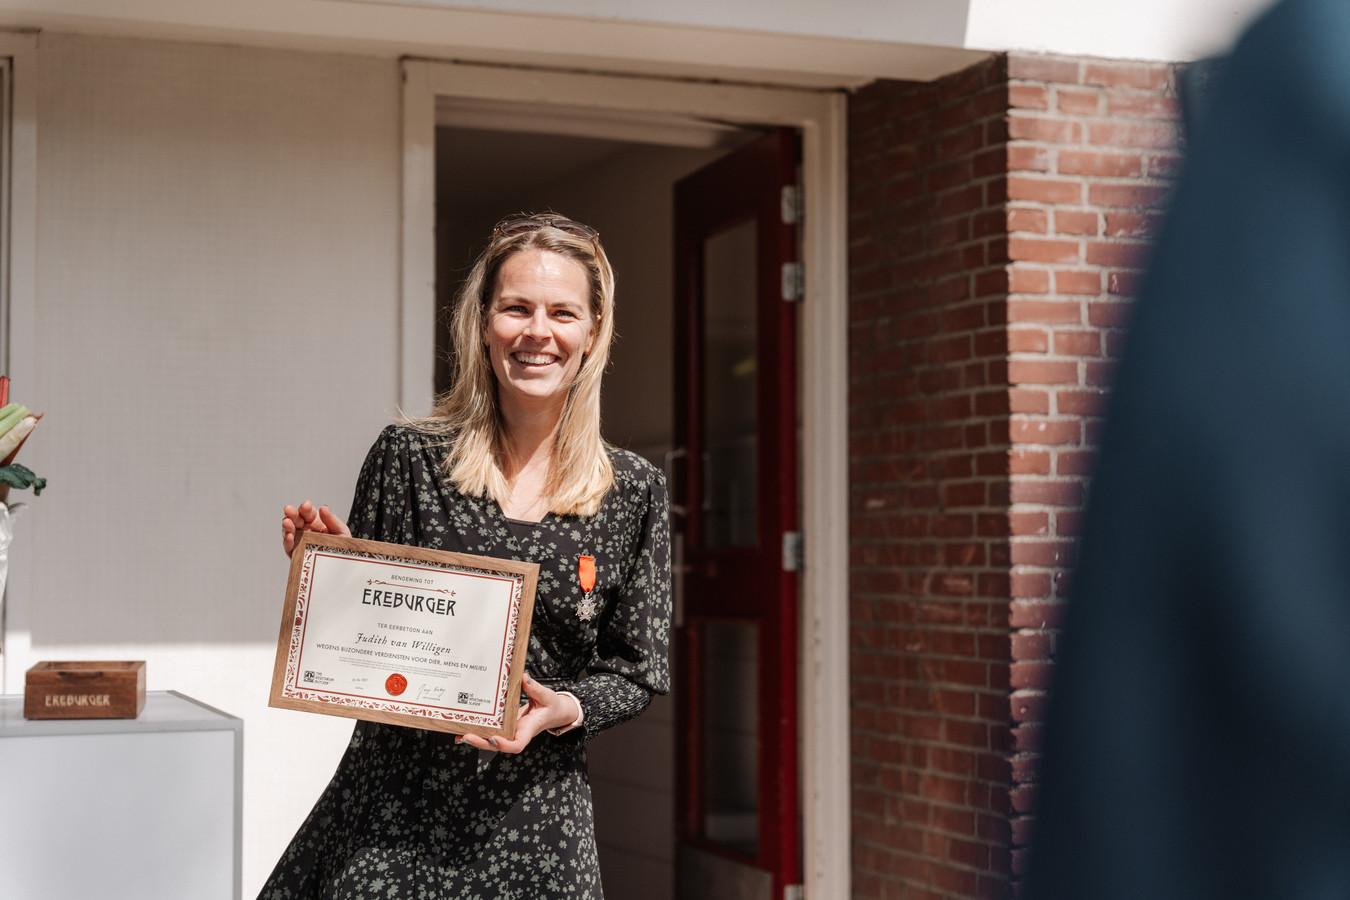 Judith van Willigen uit Dordrecht is door De Vegetarische Slager benoemd tot Ereburger wegens haar bijzondere verdiensten voor dier, mens en milieu.